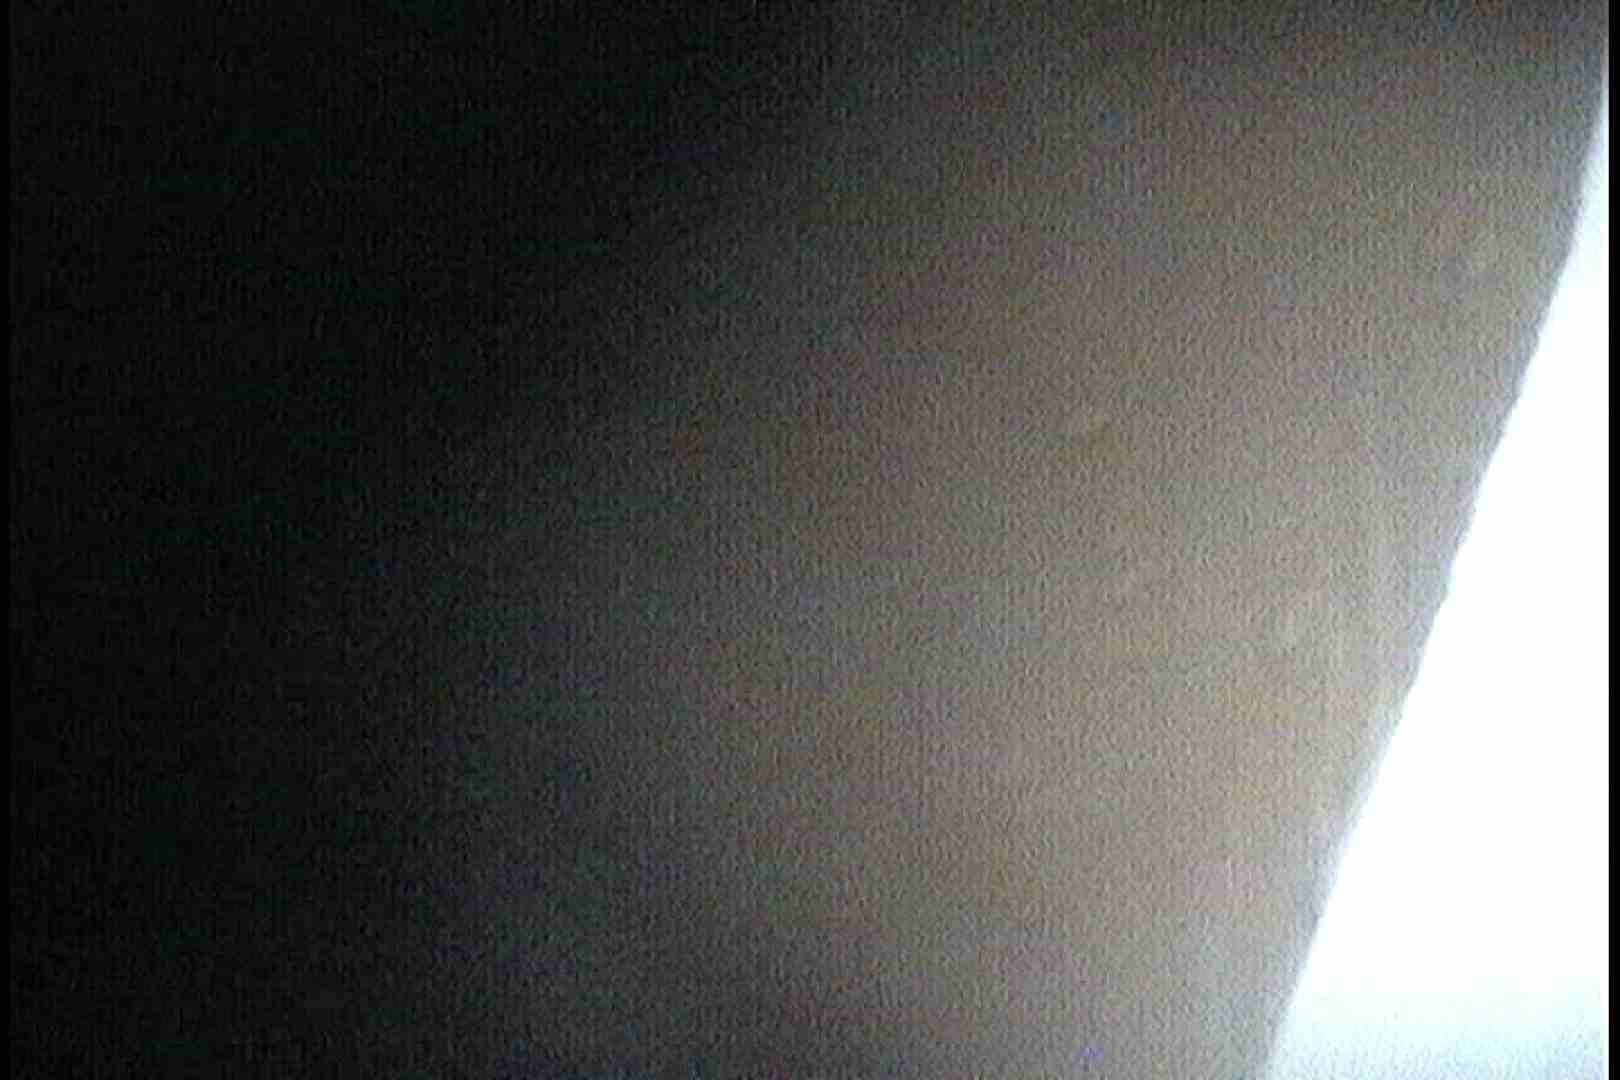 No.14 ボーリングの玉が二つぶら下がってます。 シャワー室   乙女だって。。。  68画像 43